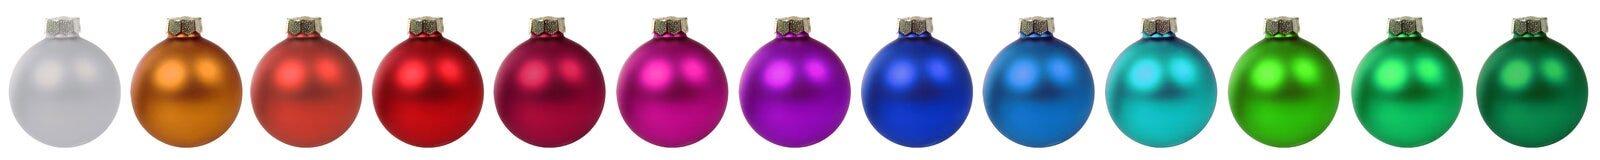 Isolador colorido da beira da decoração das quinquilharias das bolas do Natal em seguido Imagem de Stock Royalty Free